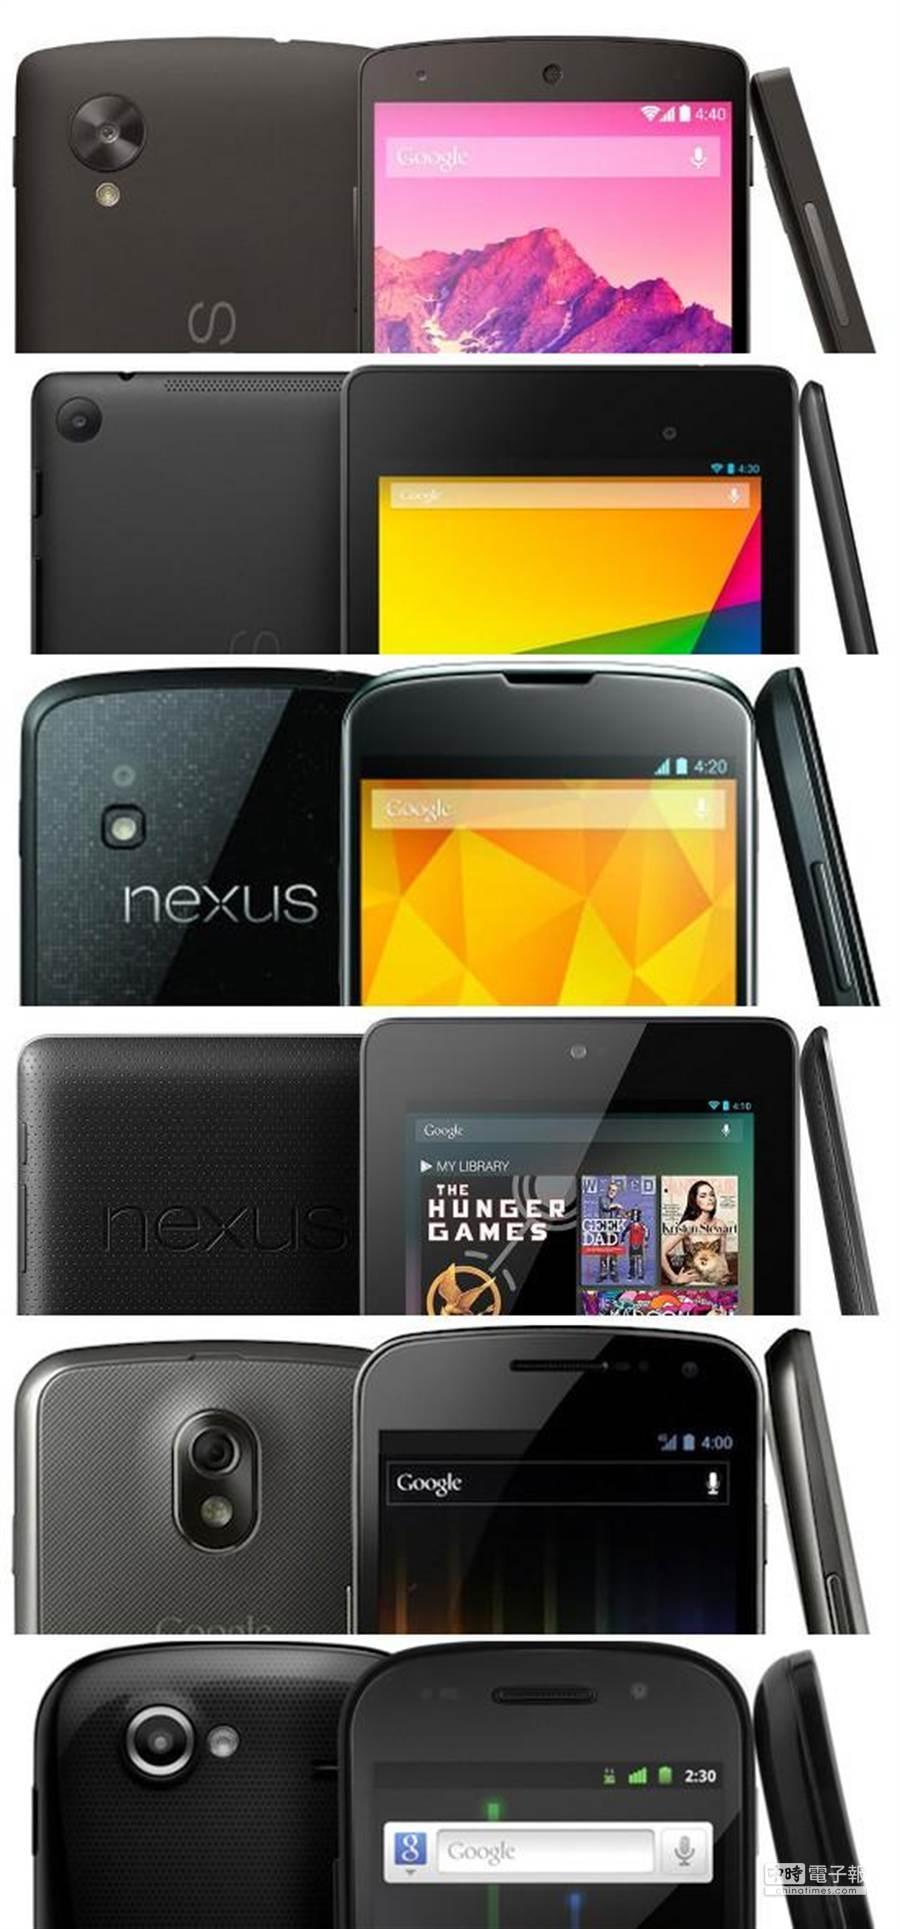 谷歌以往也透過Nexus裝置來暗示新版Android的發布消息。(圖/36Kr)